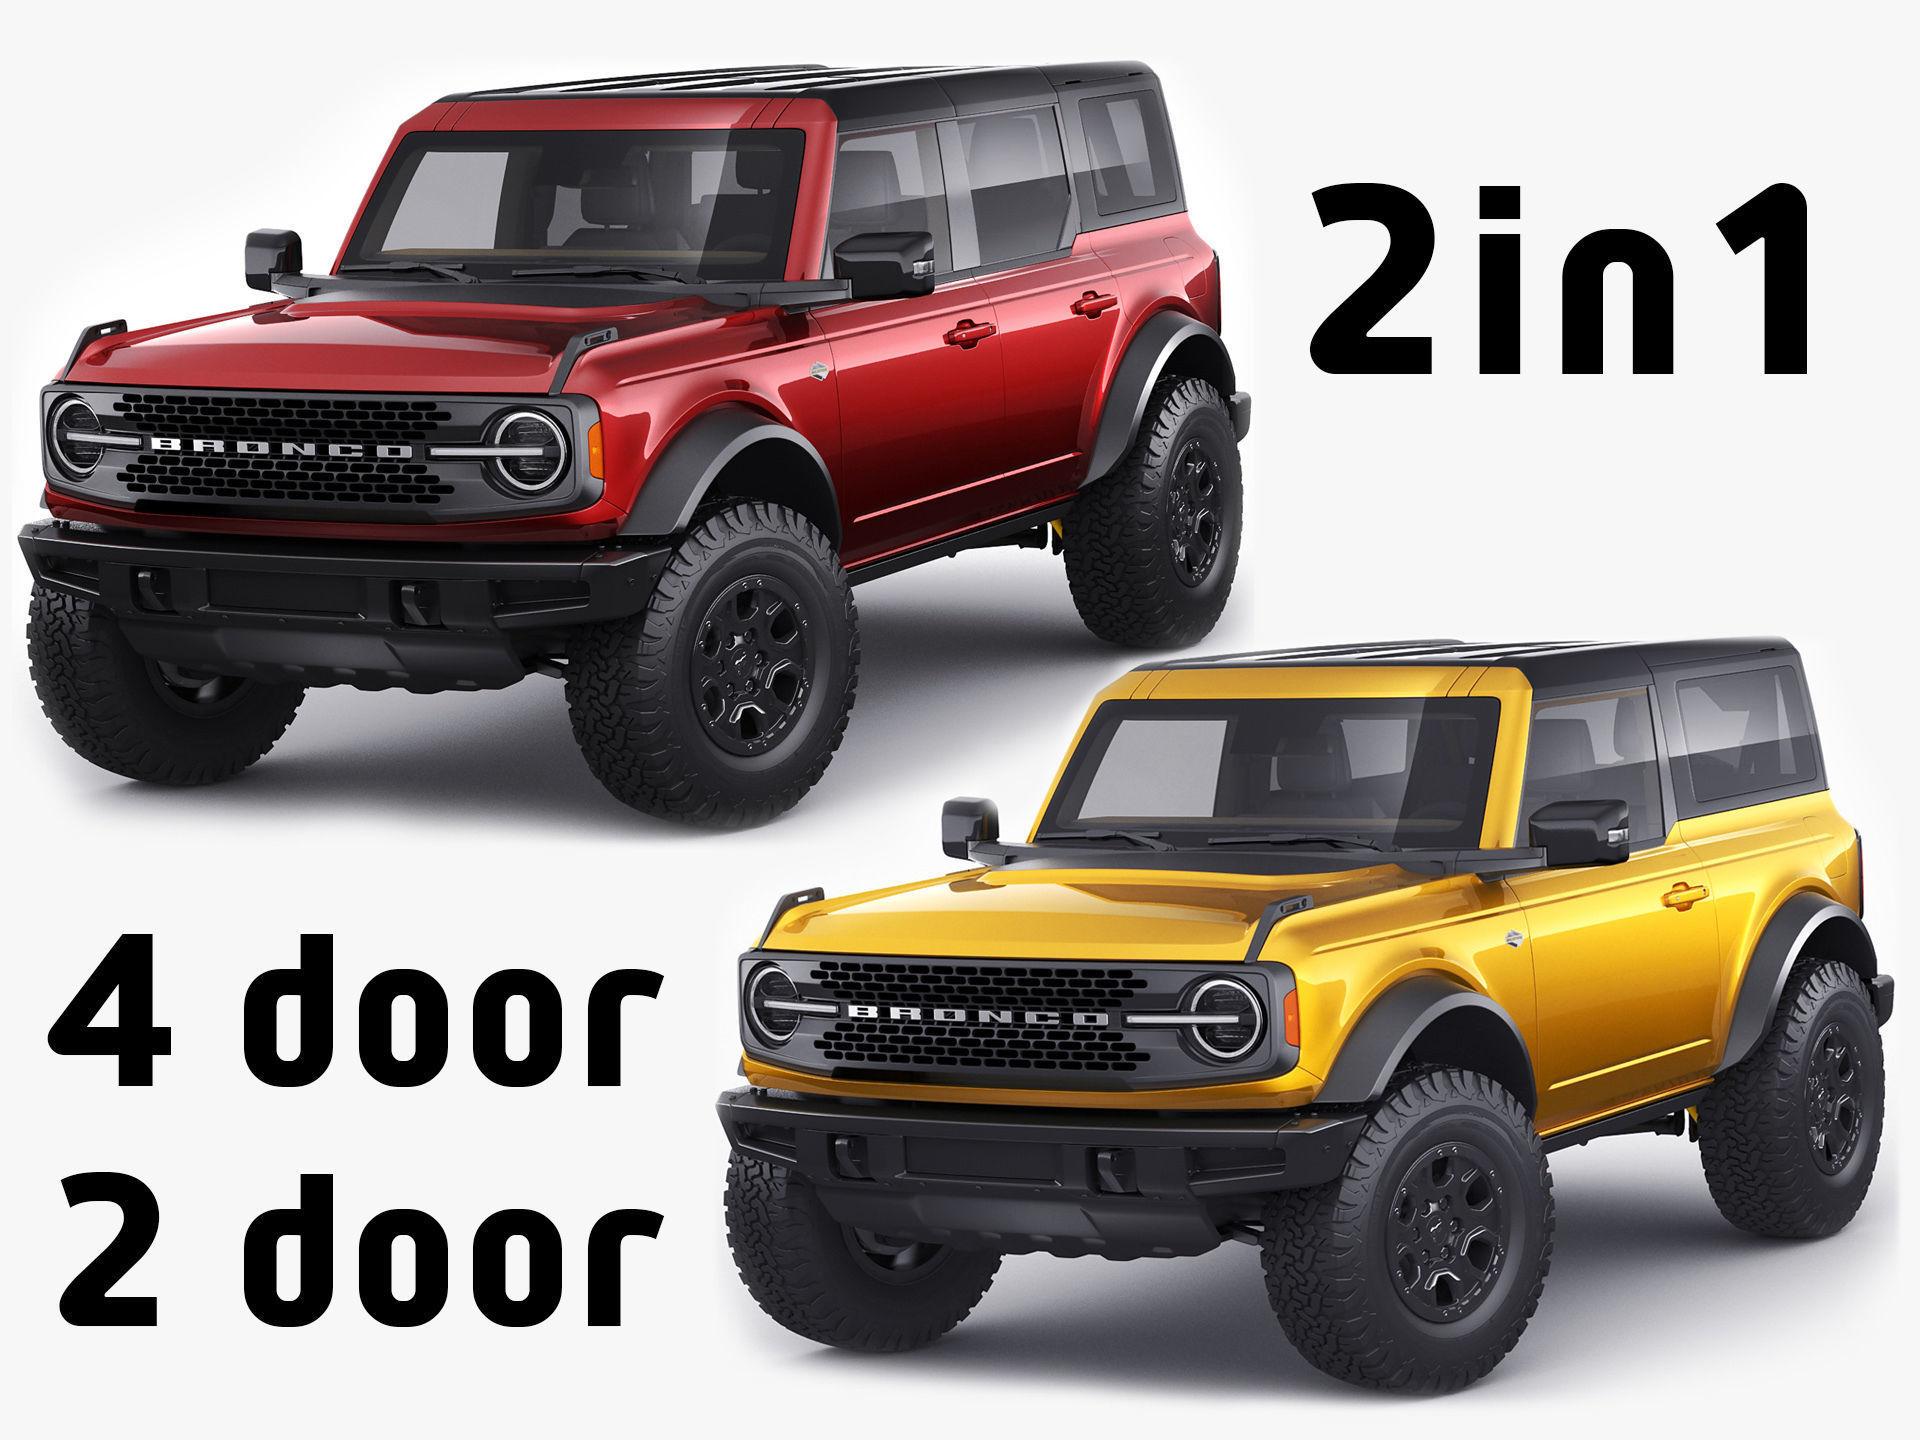 Bronco 2021 4-door and 2-door